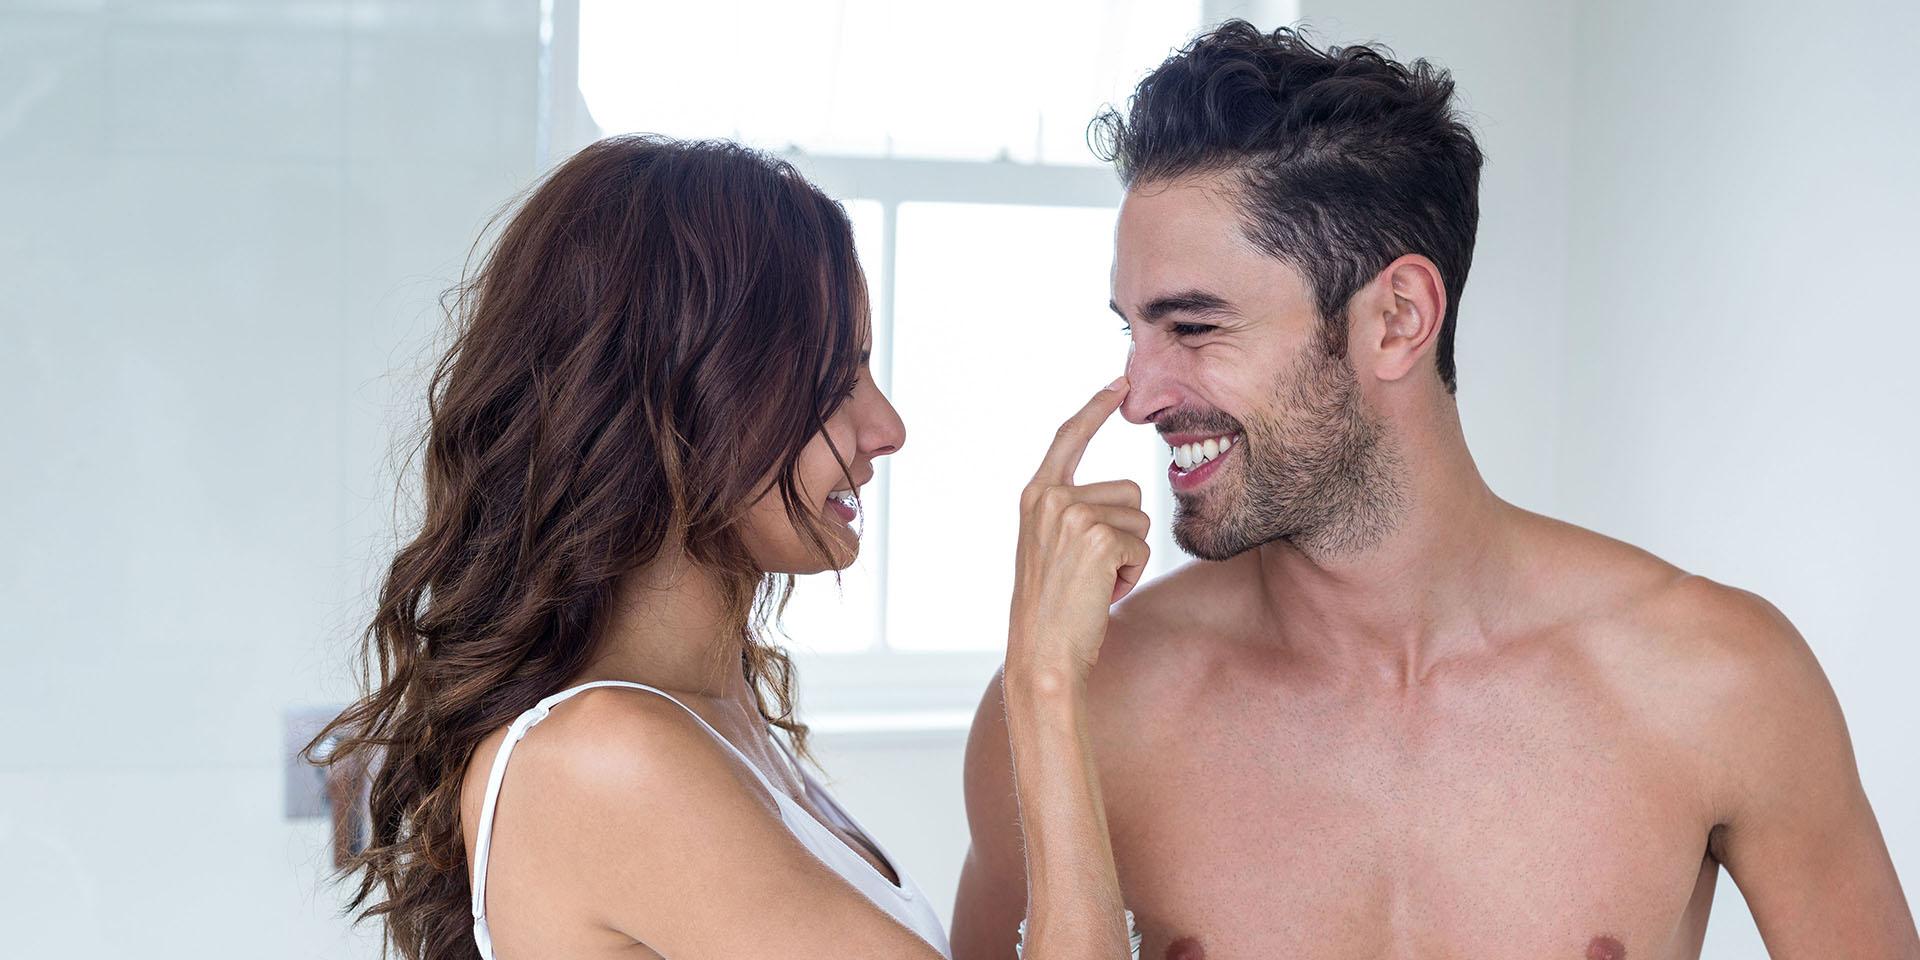 Neue Online-Dating-Plattform: Finden Sie die Liebe - ganz in Ihrer Nähe